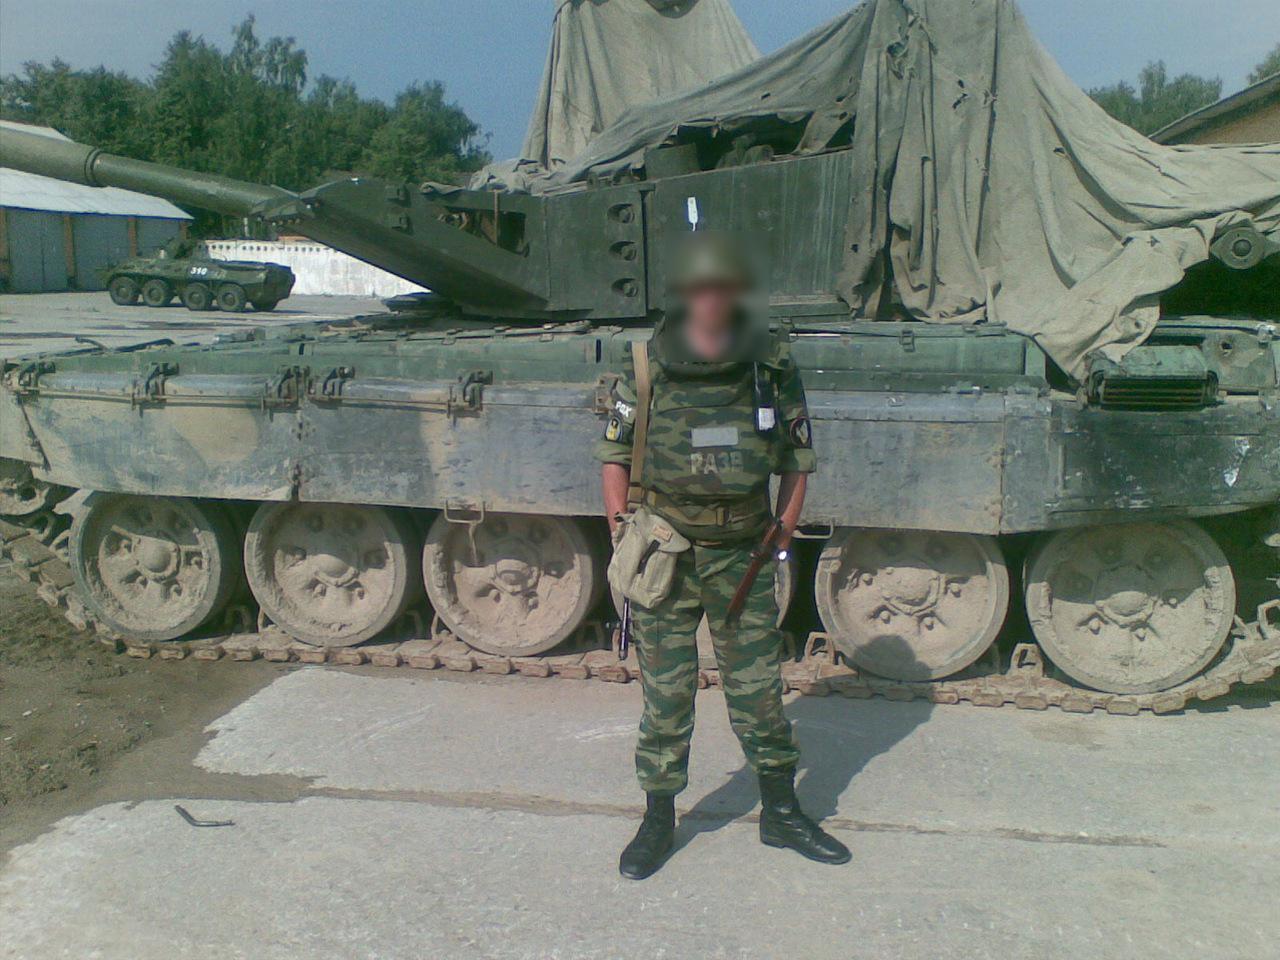 взят у pfc_joker в удивительное видео 2 противотанковая управляемая ракета пролетает в полуметре над танком т-55